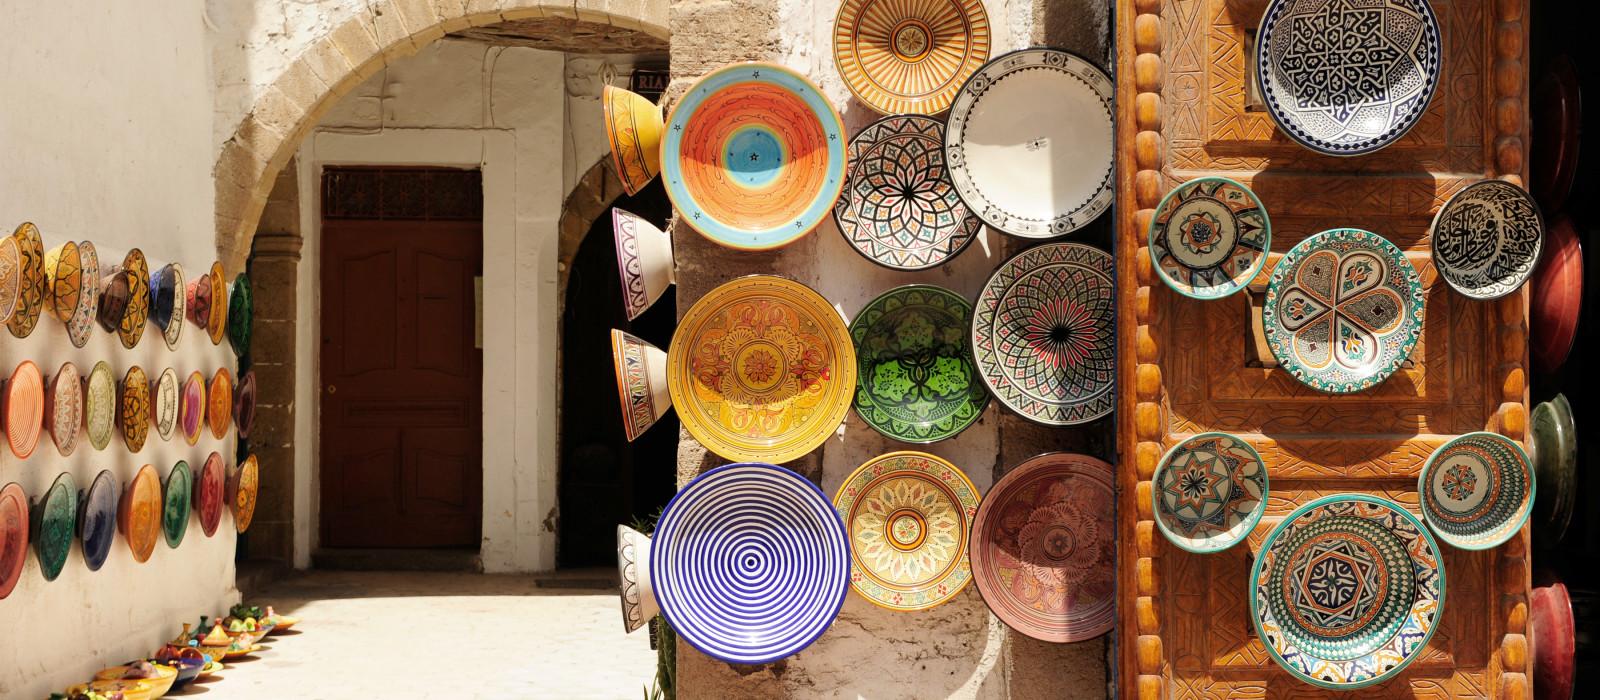 Bunte Souvenirs für Gerichte zu verkaufen, in einem Geschäft in Marokko